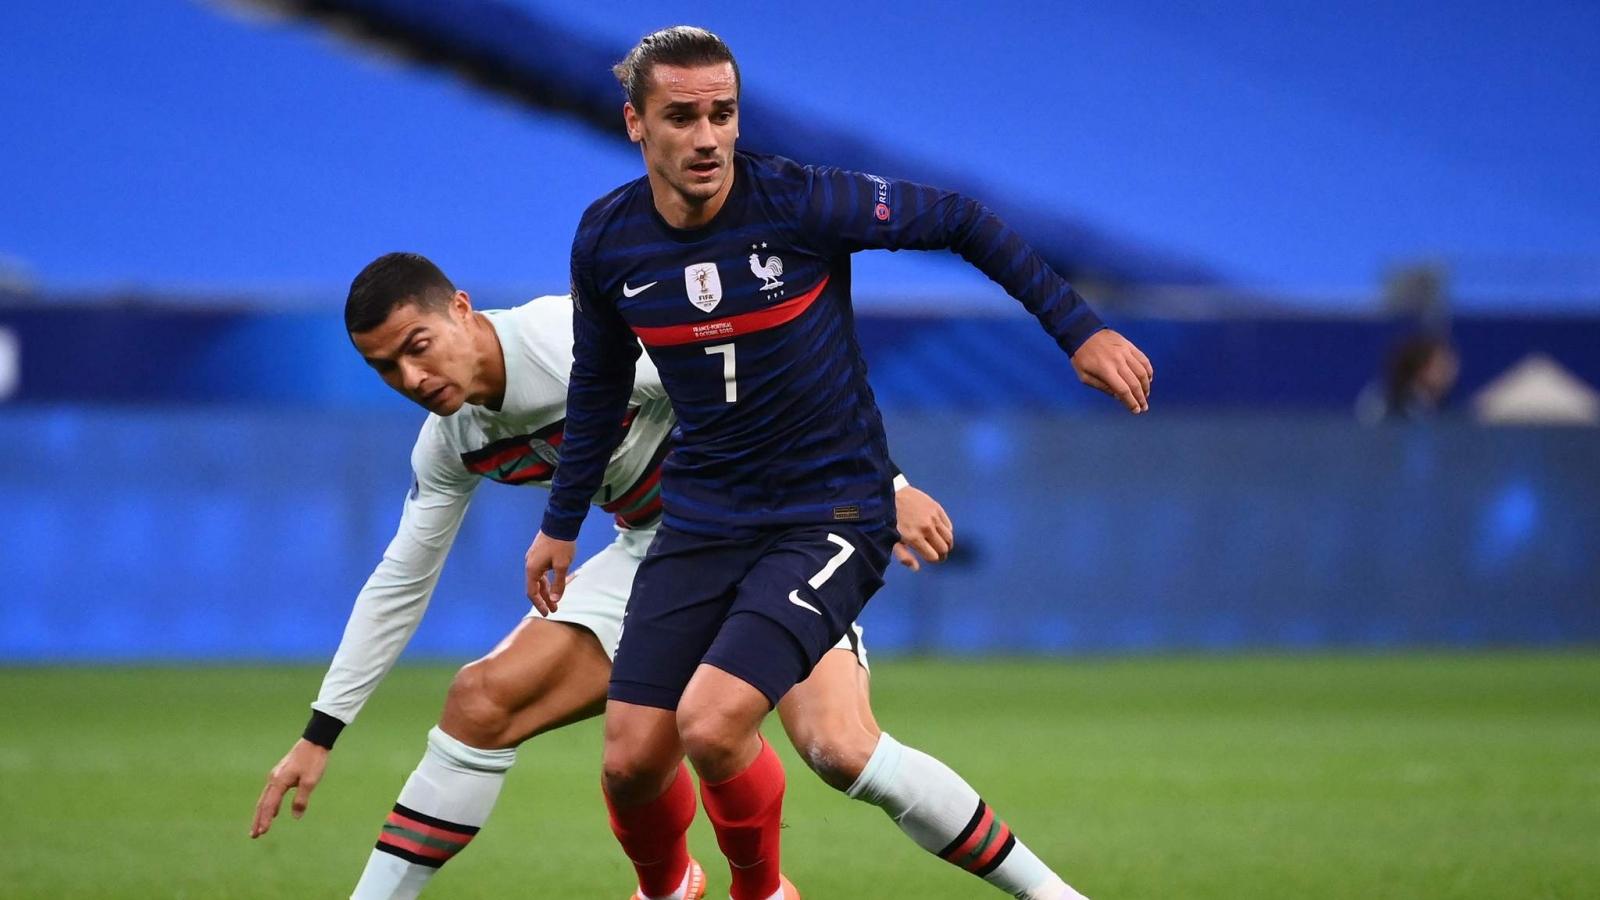 Góc BLV: Bồ Đào Nha thua Pháp nhưng vẫn sẽ giành vé đi tiếp